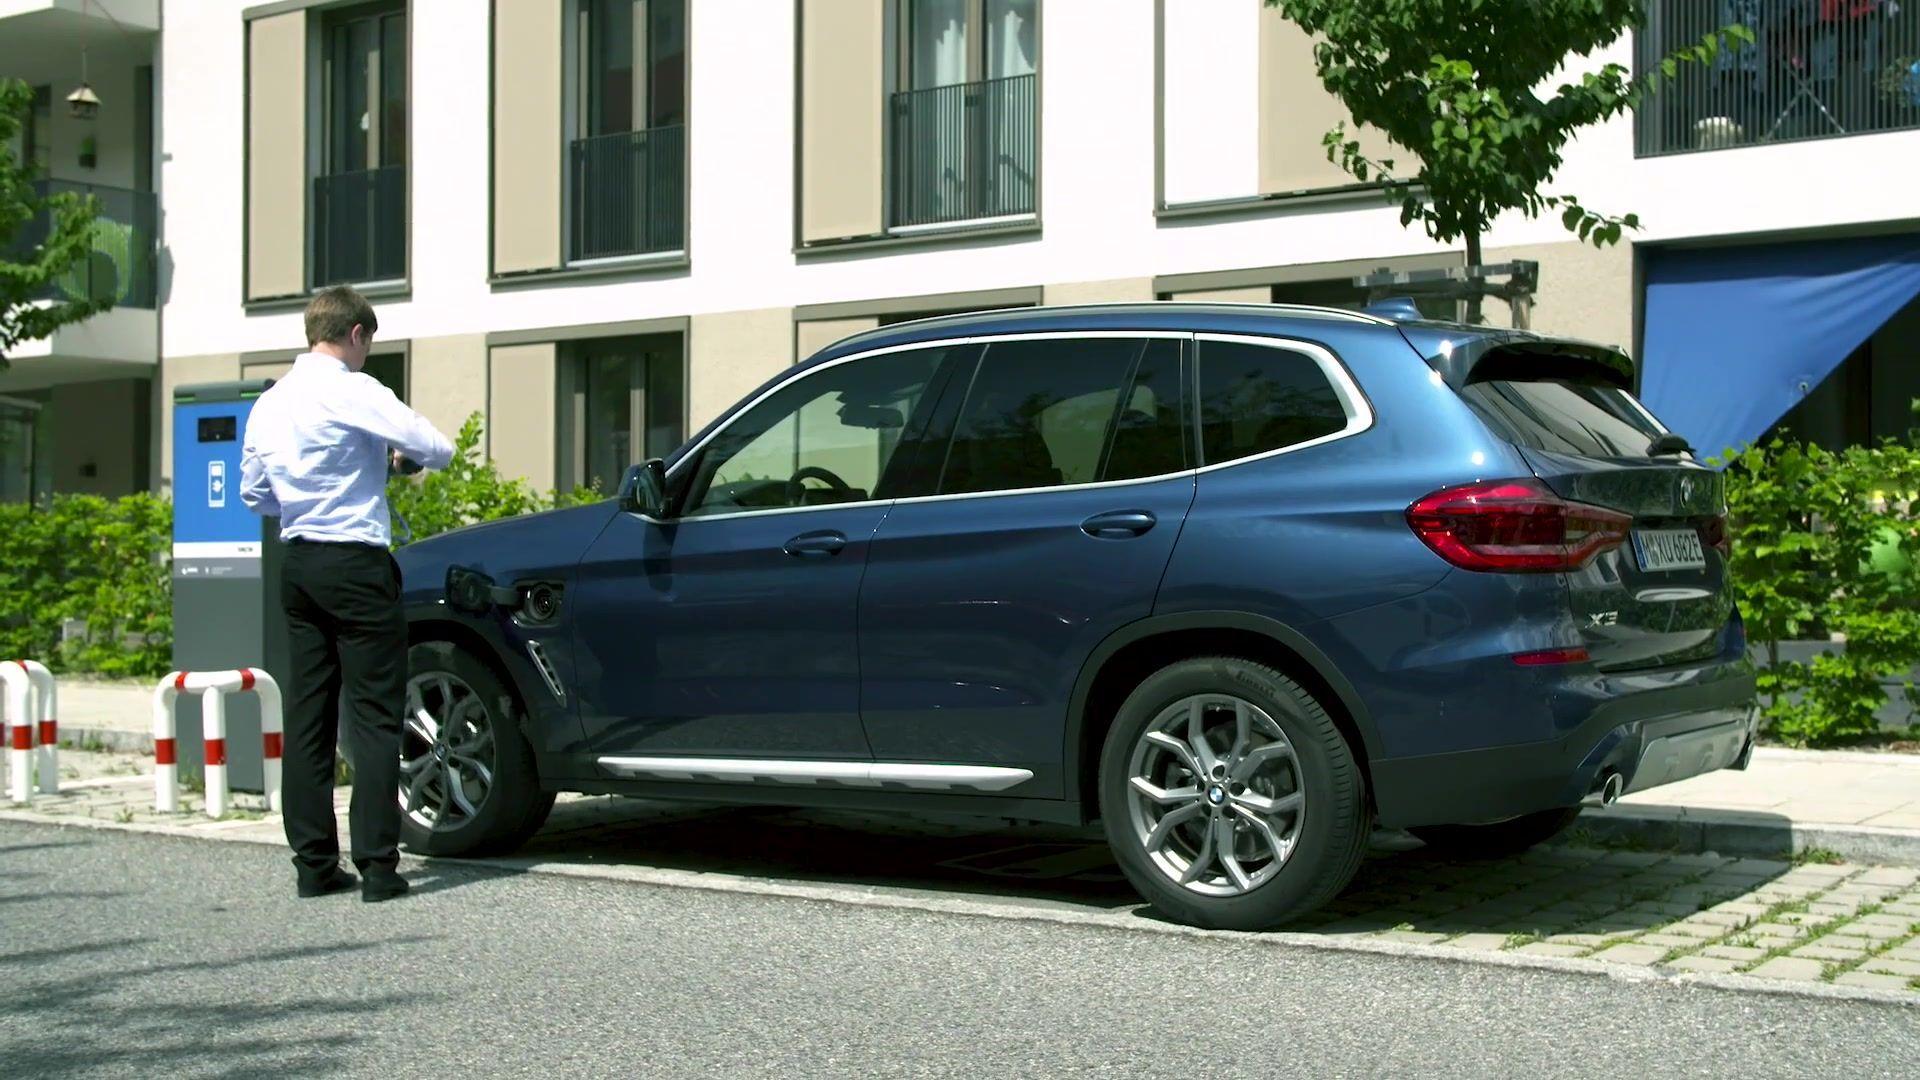 Der neue BMW X3 xDrive30e – Hochvoltspeicher mit neuester Batteriezellen-Technologie für maximale Effizienz